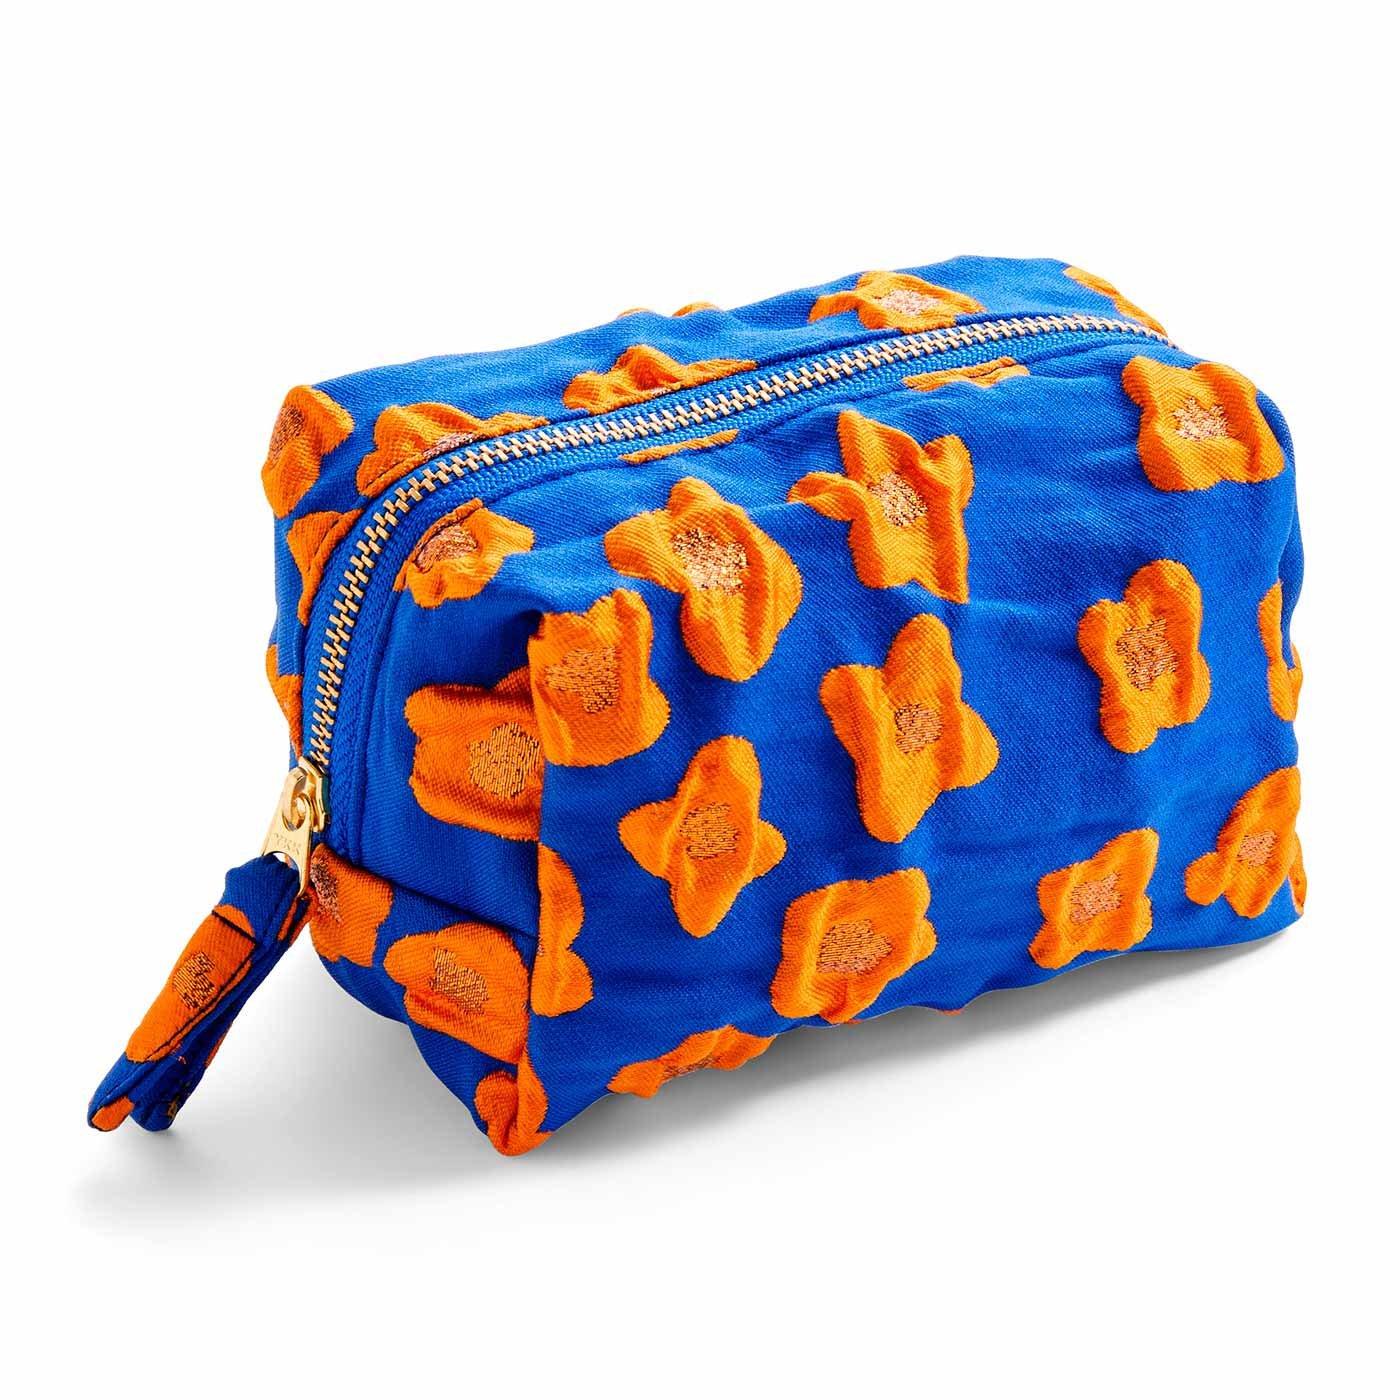 リブ イン コンフォート 色柄に夢中! たっぷり入ってコロンと四角い ゴブラン織りポーチの会